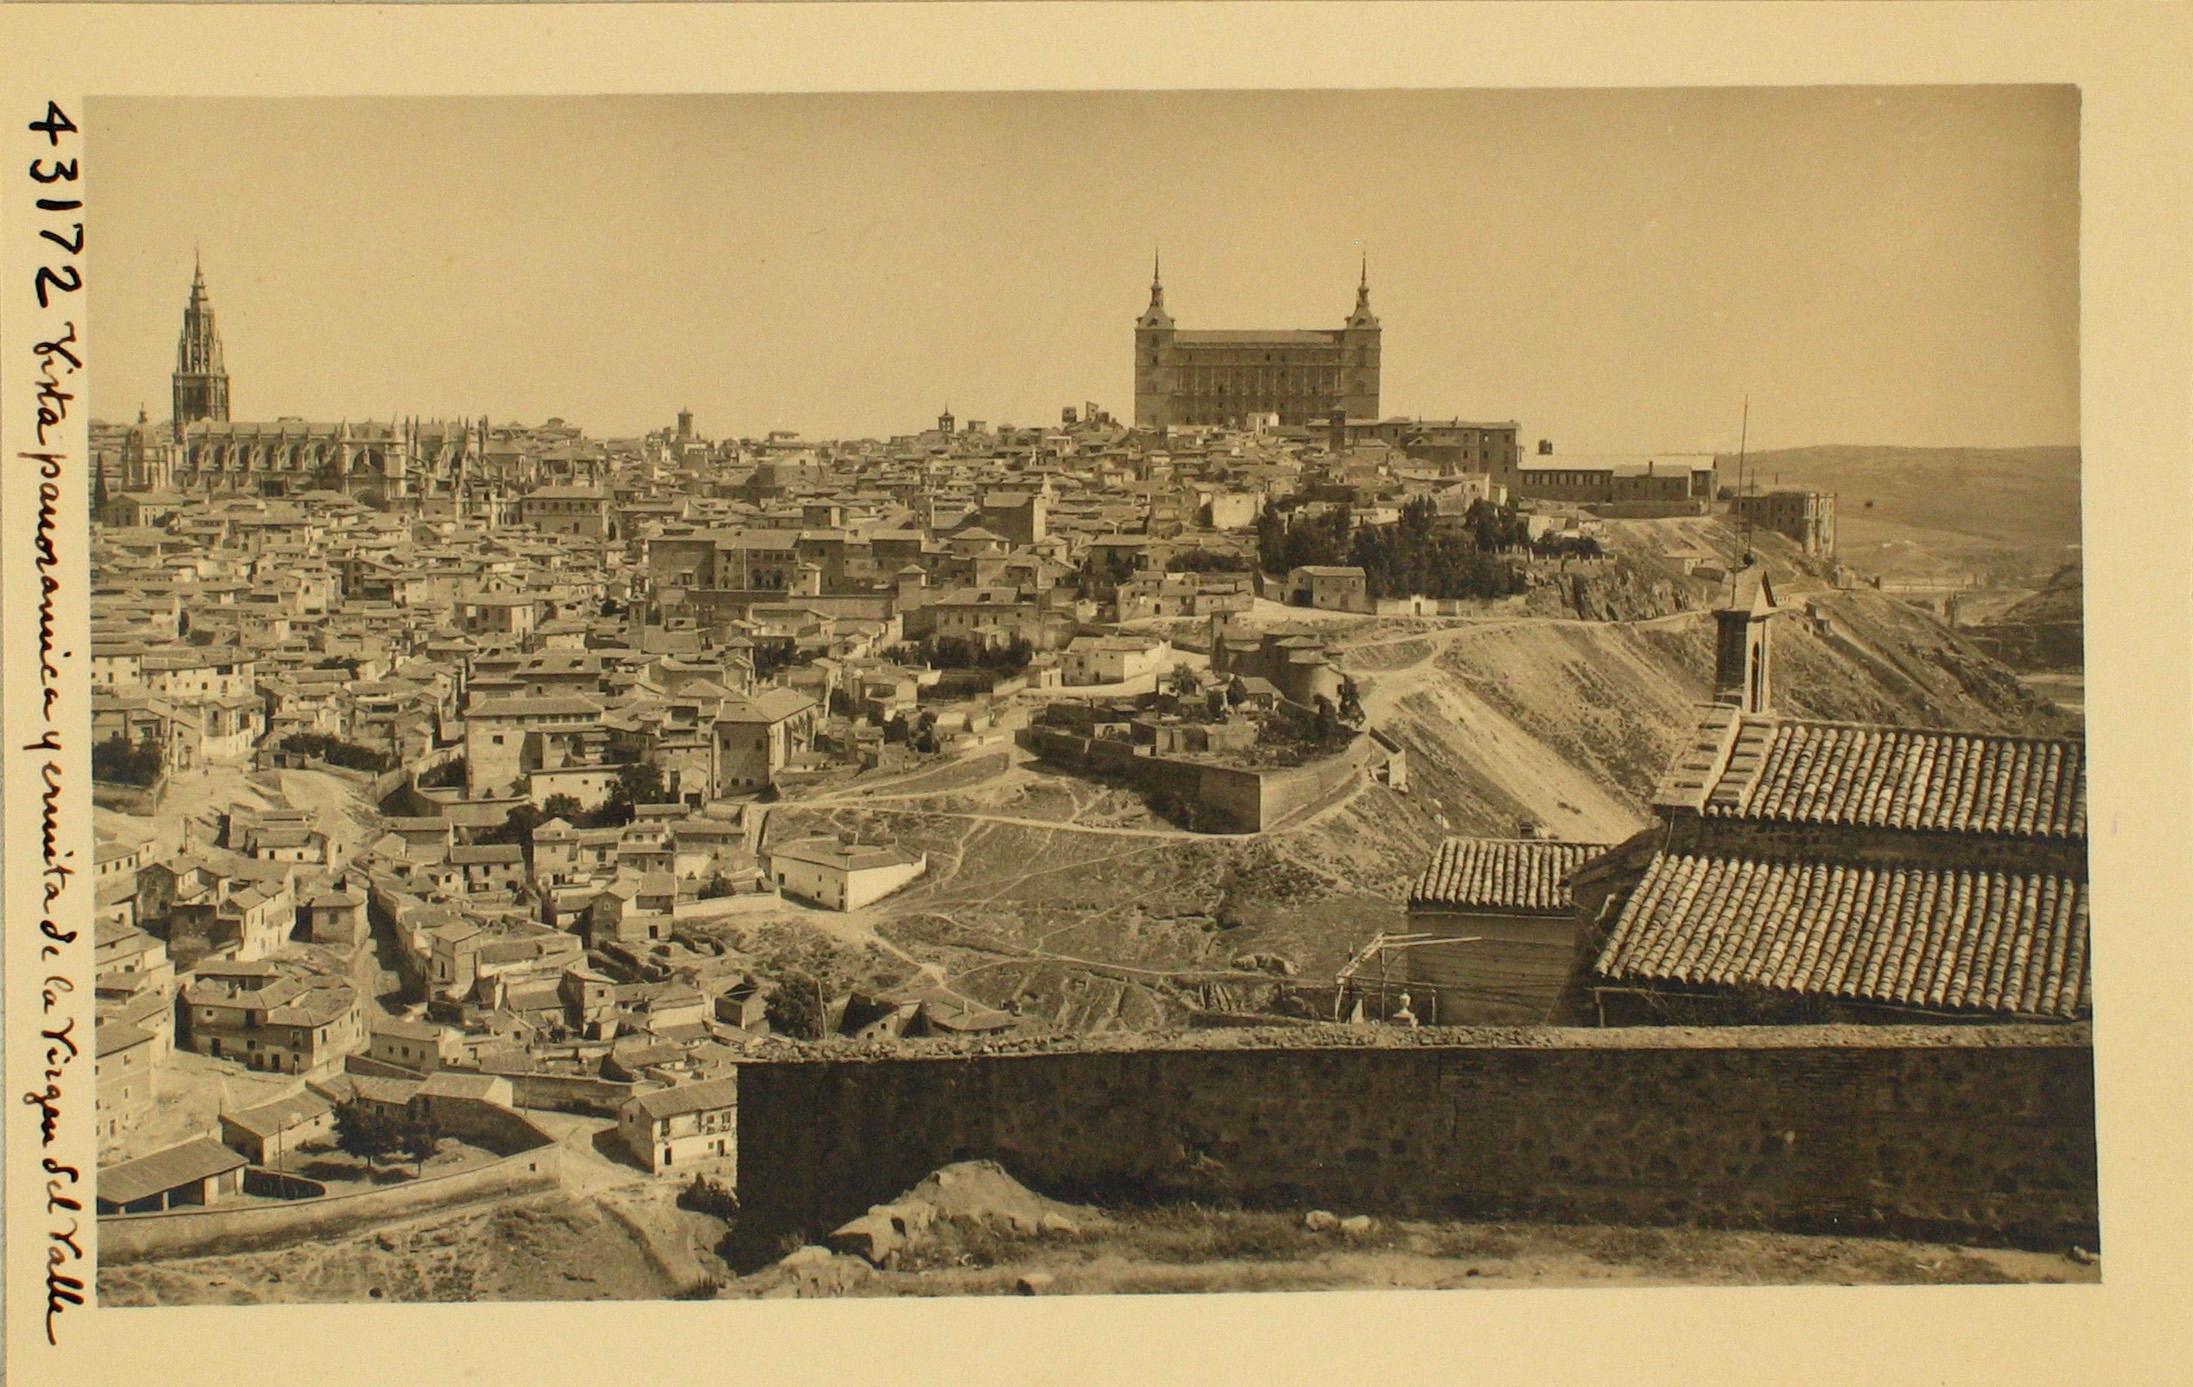 43172-Panorámica de Toledo y Ermita de la Virgen del Valle